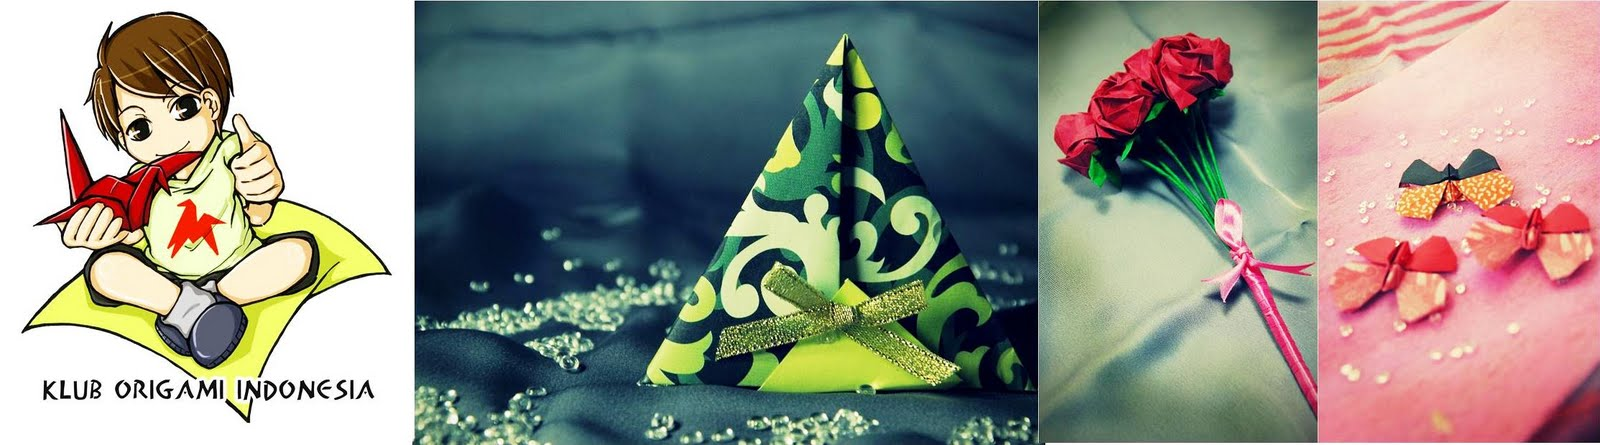 Klub Origami Indonesia